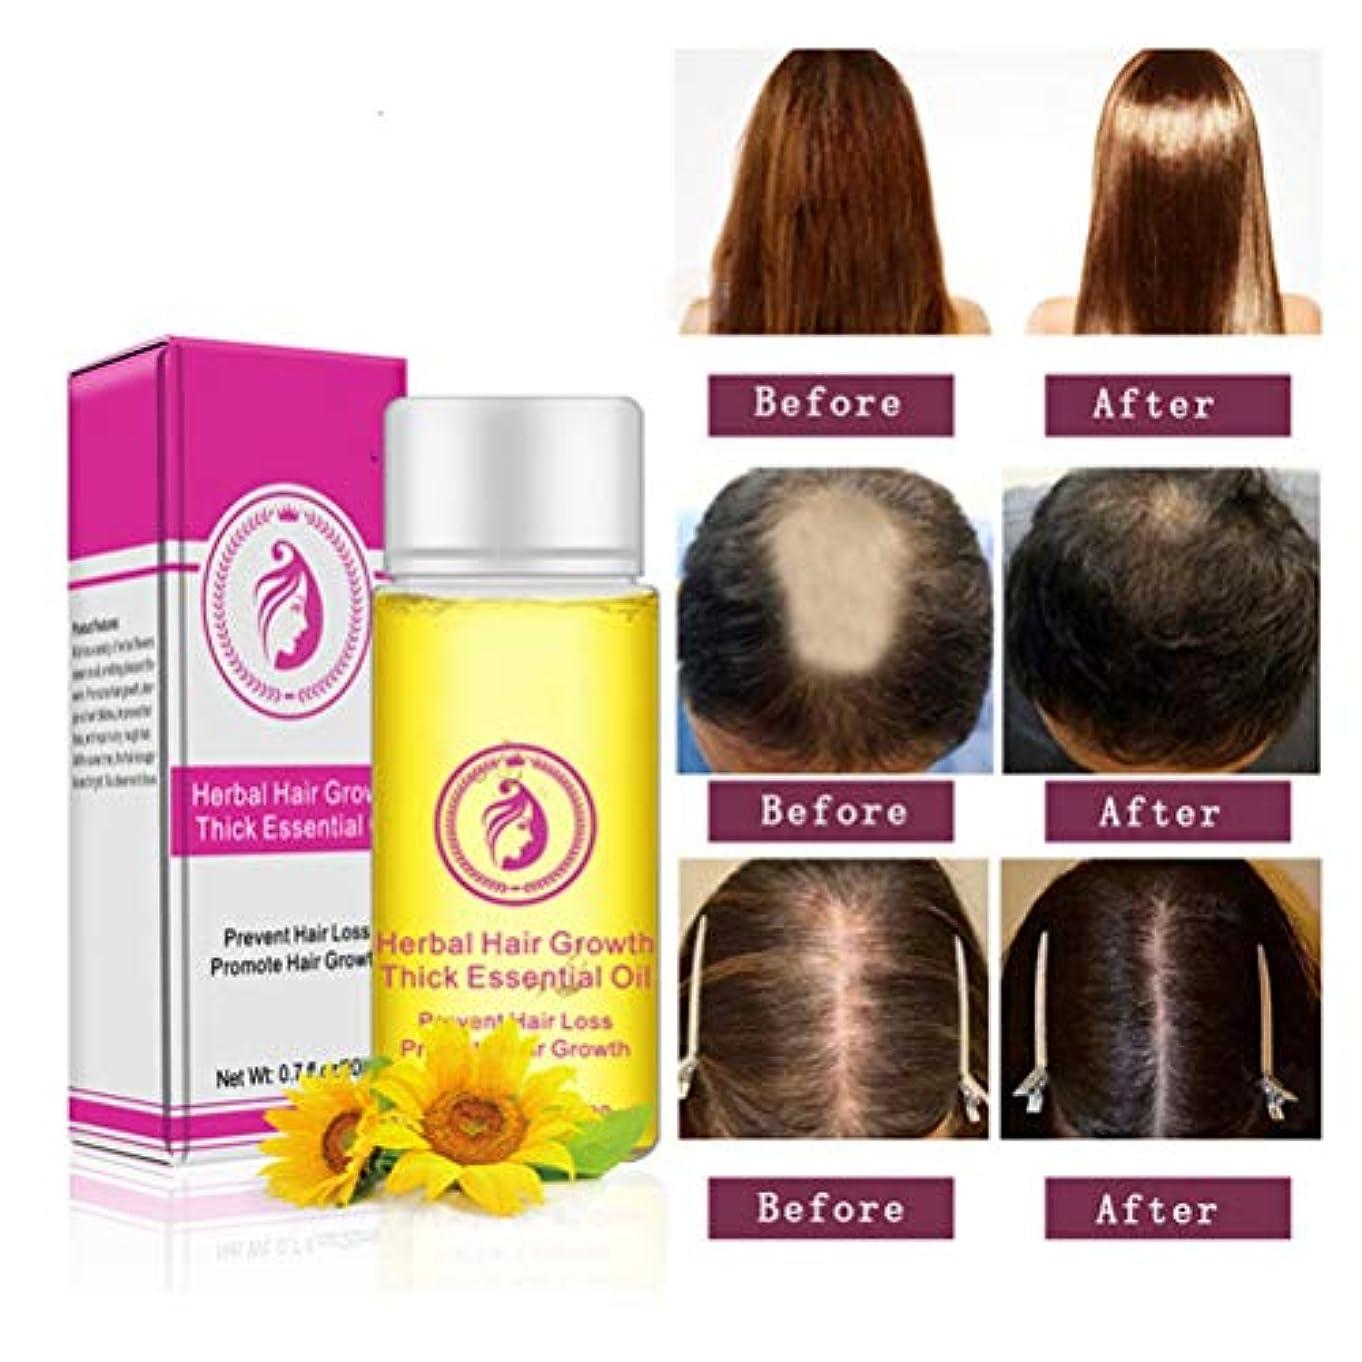 視聴者更新する敬BSMEAN 20mlヘアセラム、育毛セラム、薄毛用育毛オイル、脱毛防止セラム、発毛促進、毛根の強化、男性および女性用の再成長製品